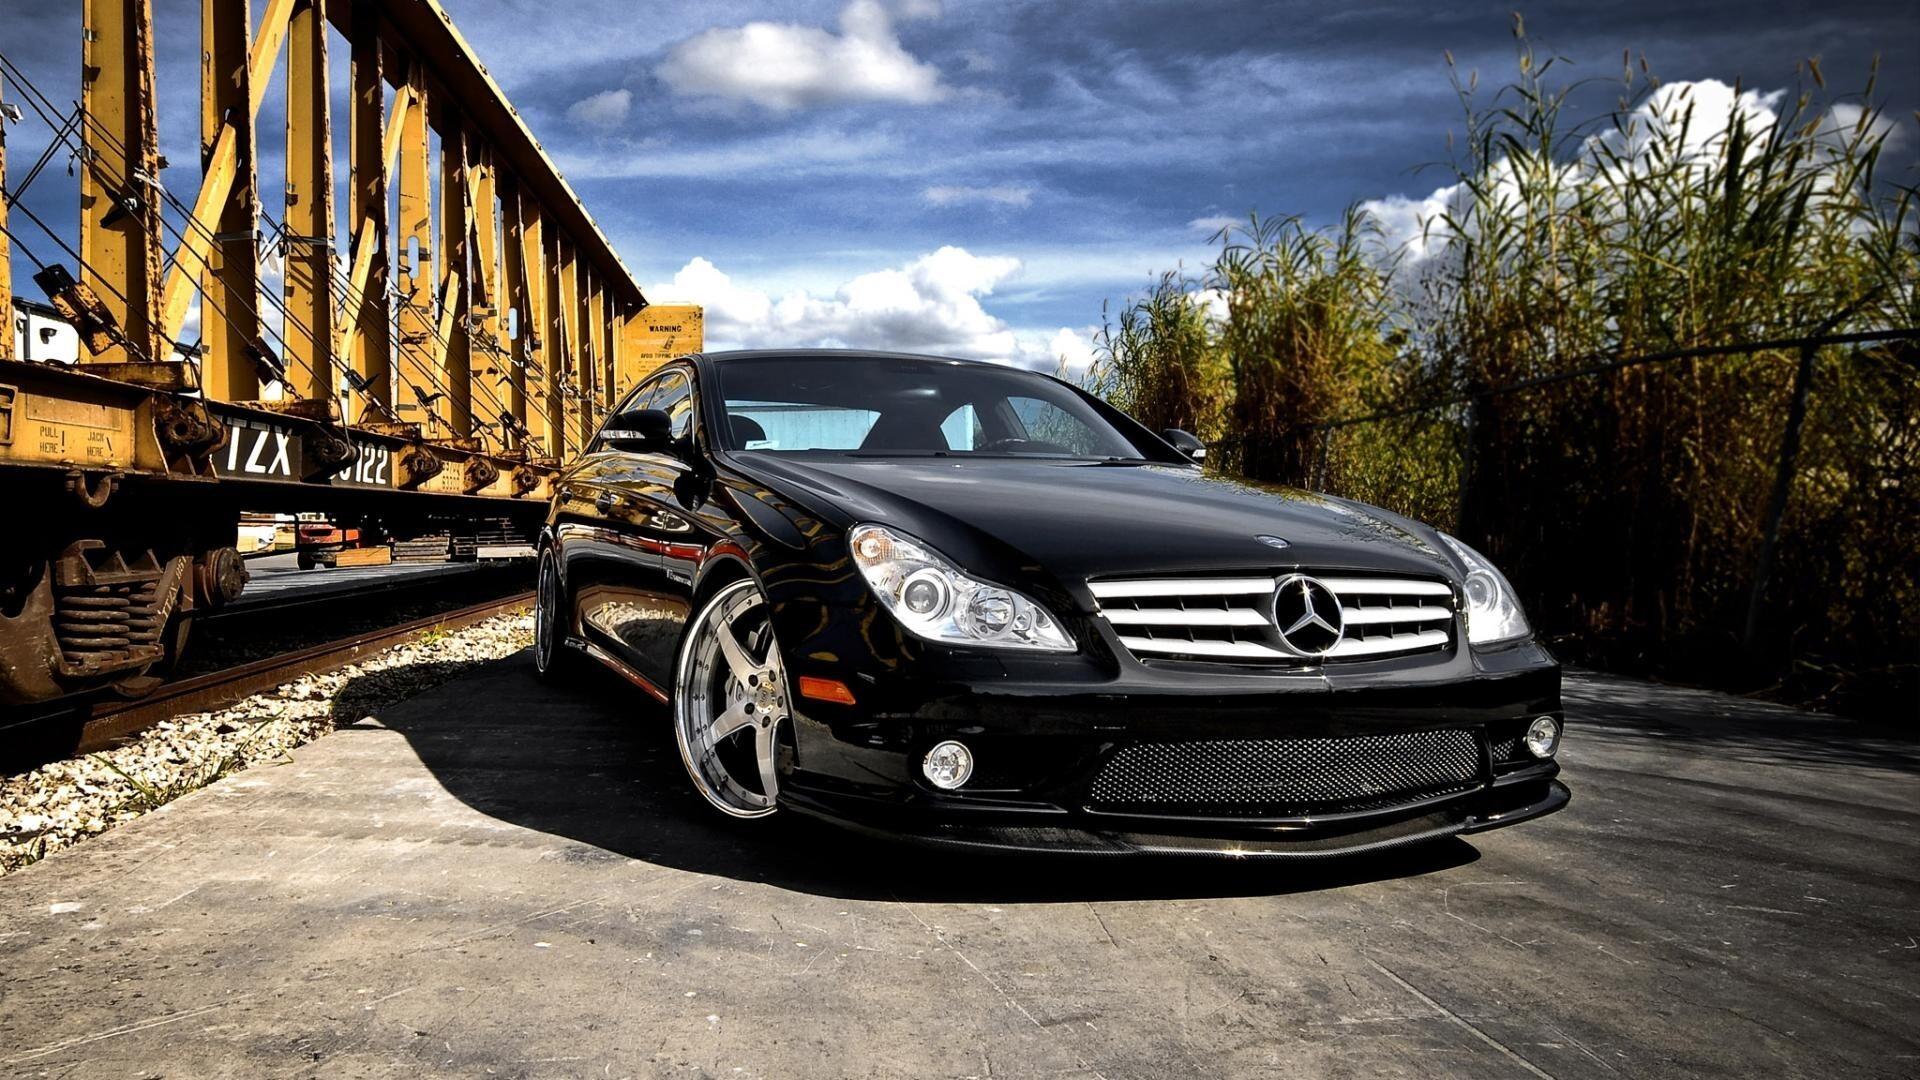 Black Mercedes Benz Cls Hd Car Wallpapers Hd Wallpapers